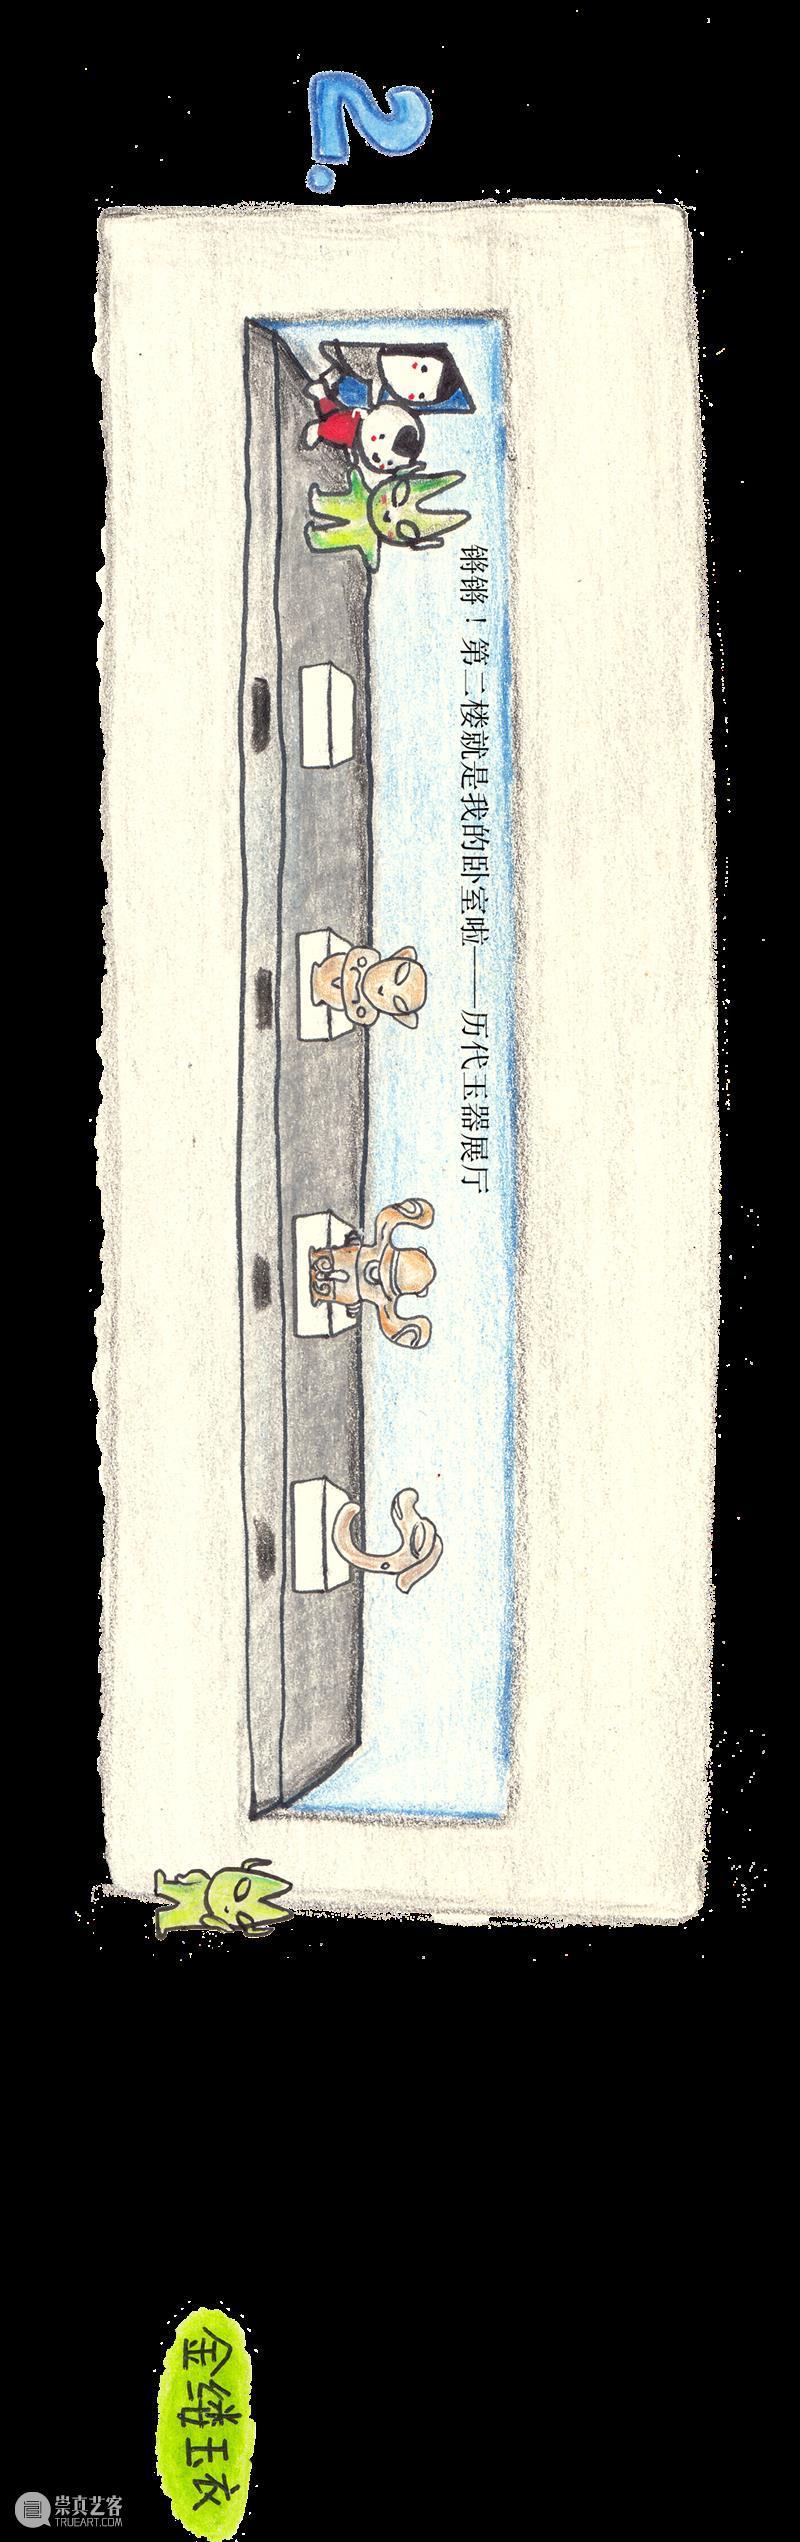 AM 剧场 | 观展礼仪小故事 第三集 剧场 礼仪 故事 手机 金缕玉衣 周小 肉铺 真身 金缕 玉匣 崇真艺客